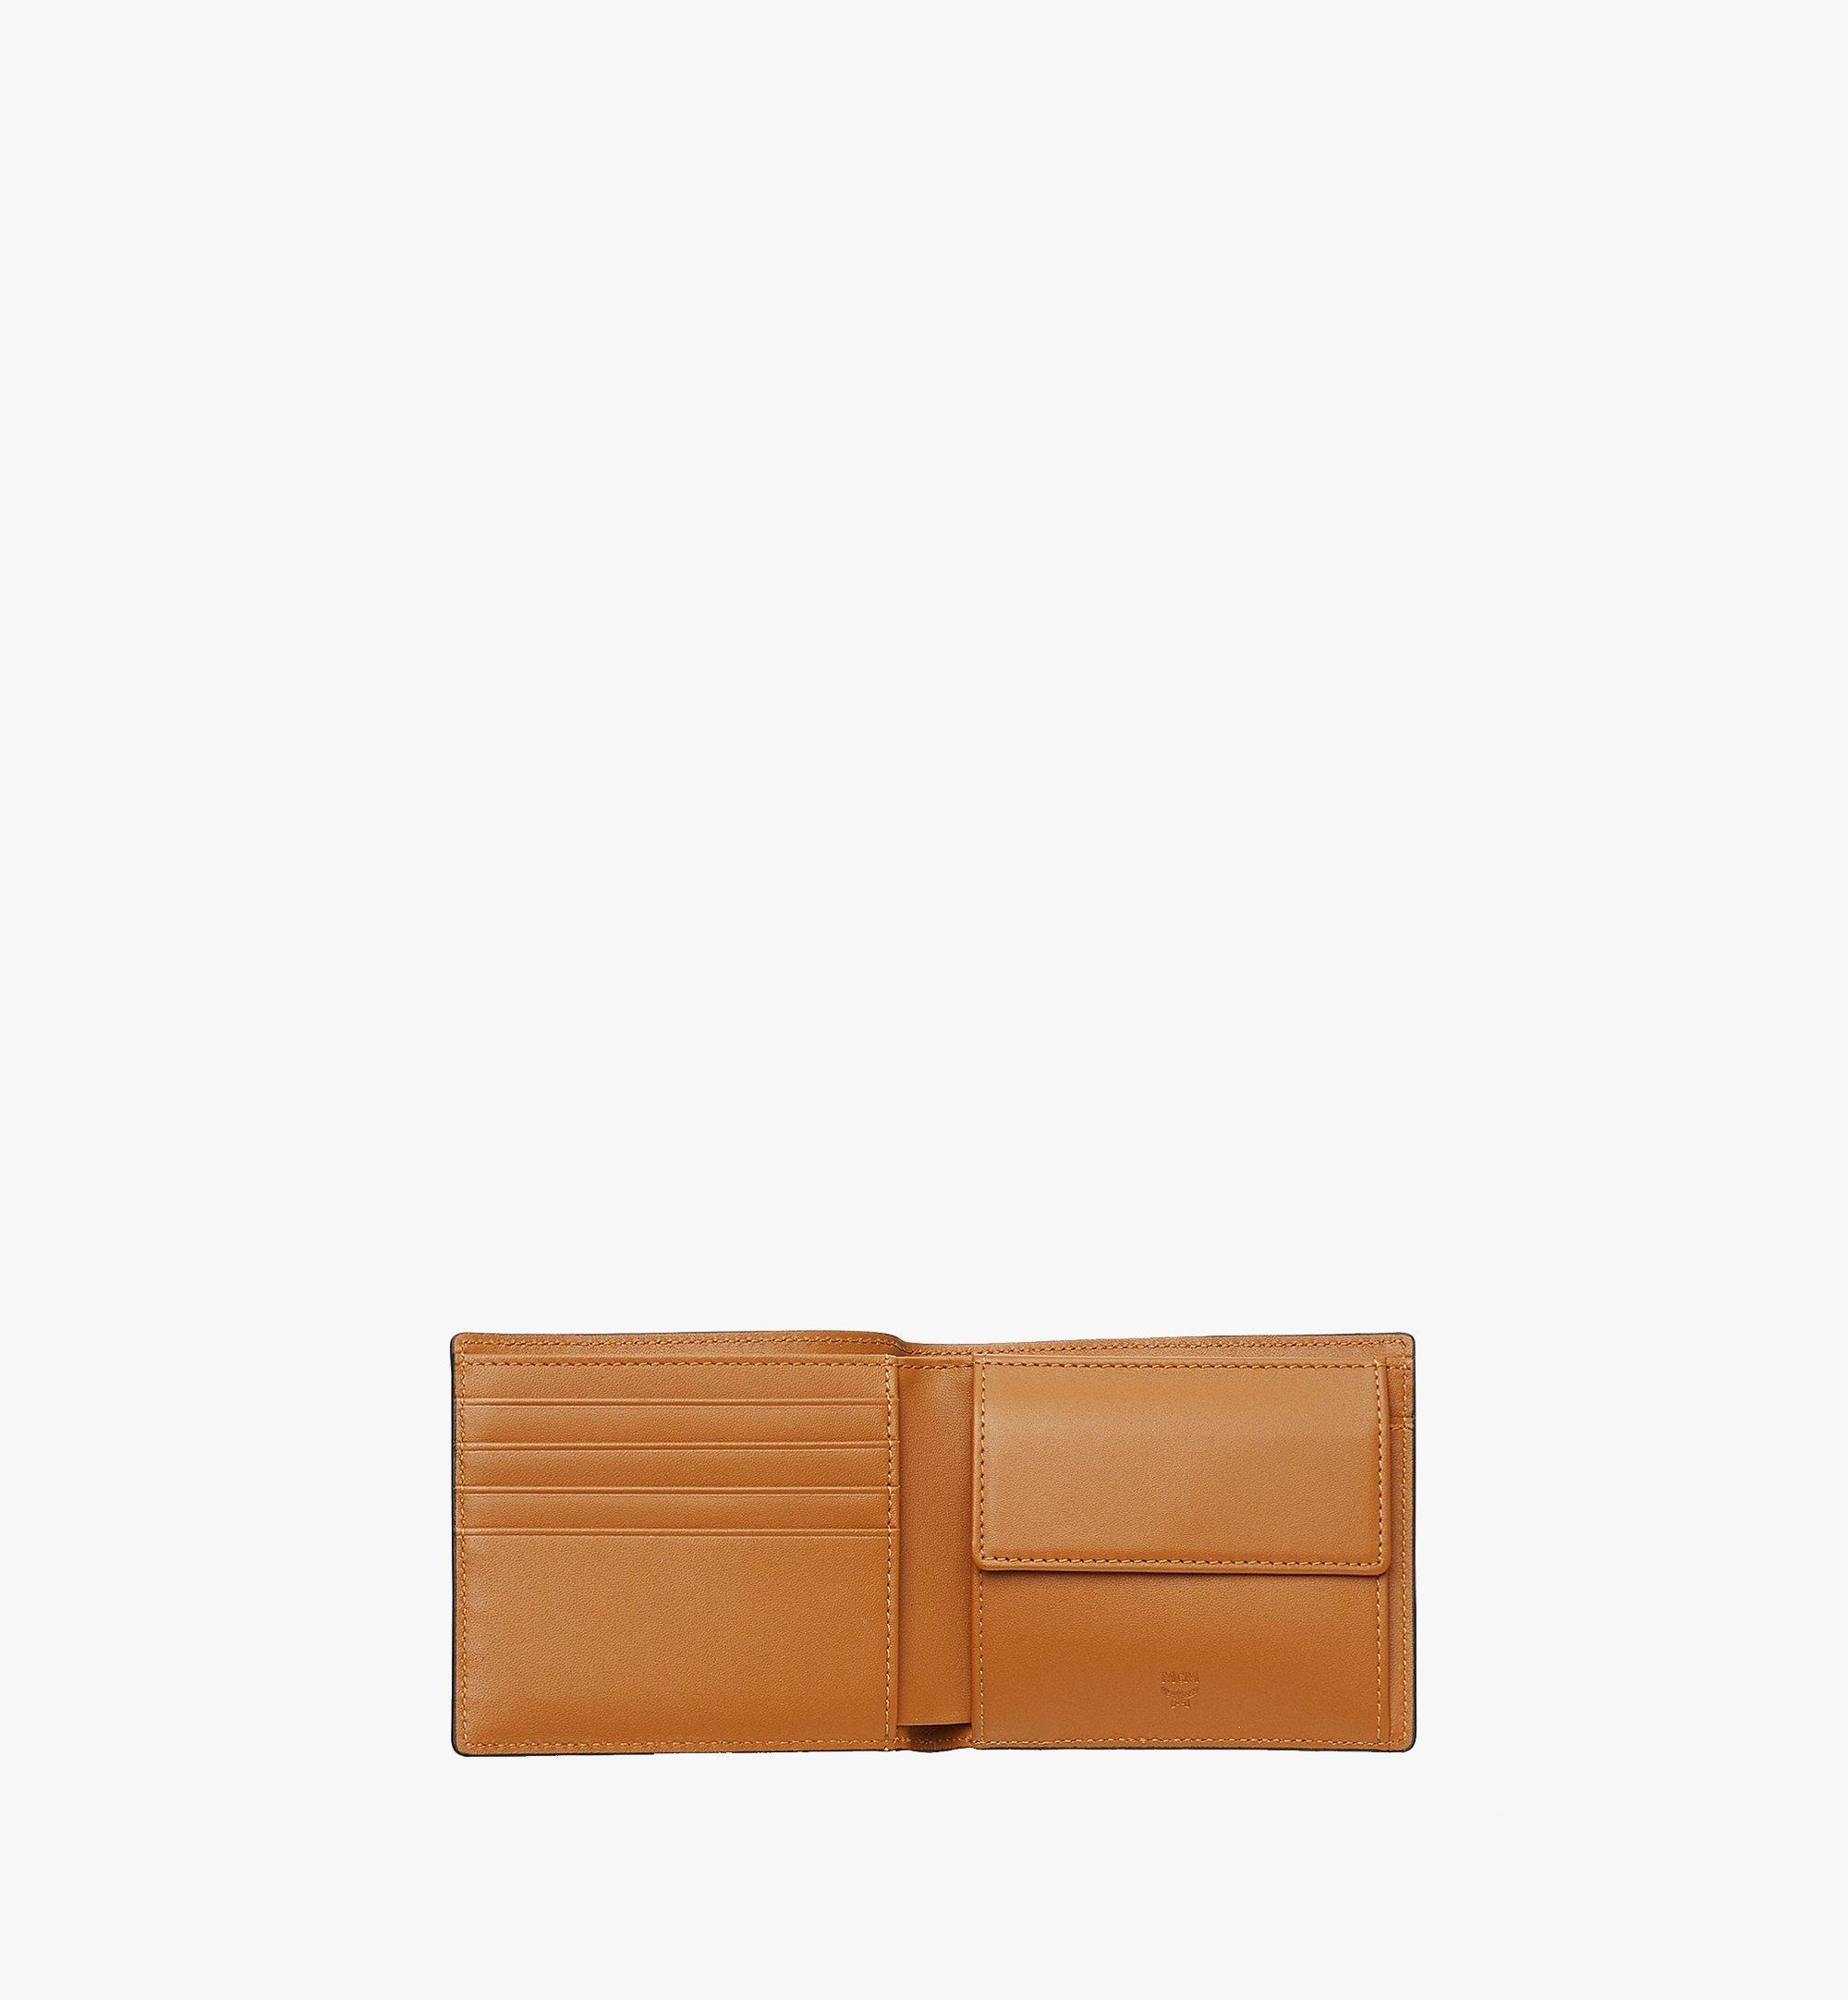 MCM Gefaltete Brieftasche mit Münzfach in Visetos Original Cognac MXSAAVI01CO001 Noch mehr sehen 3